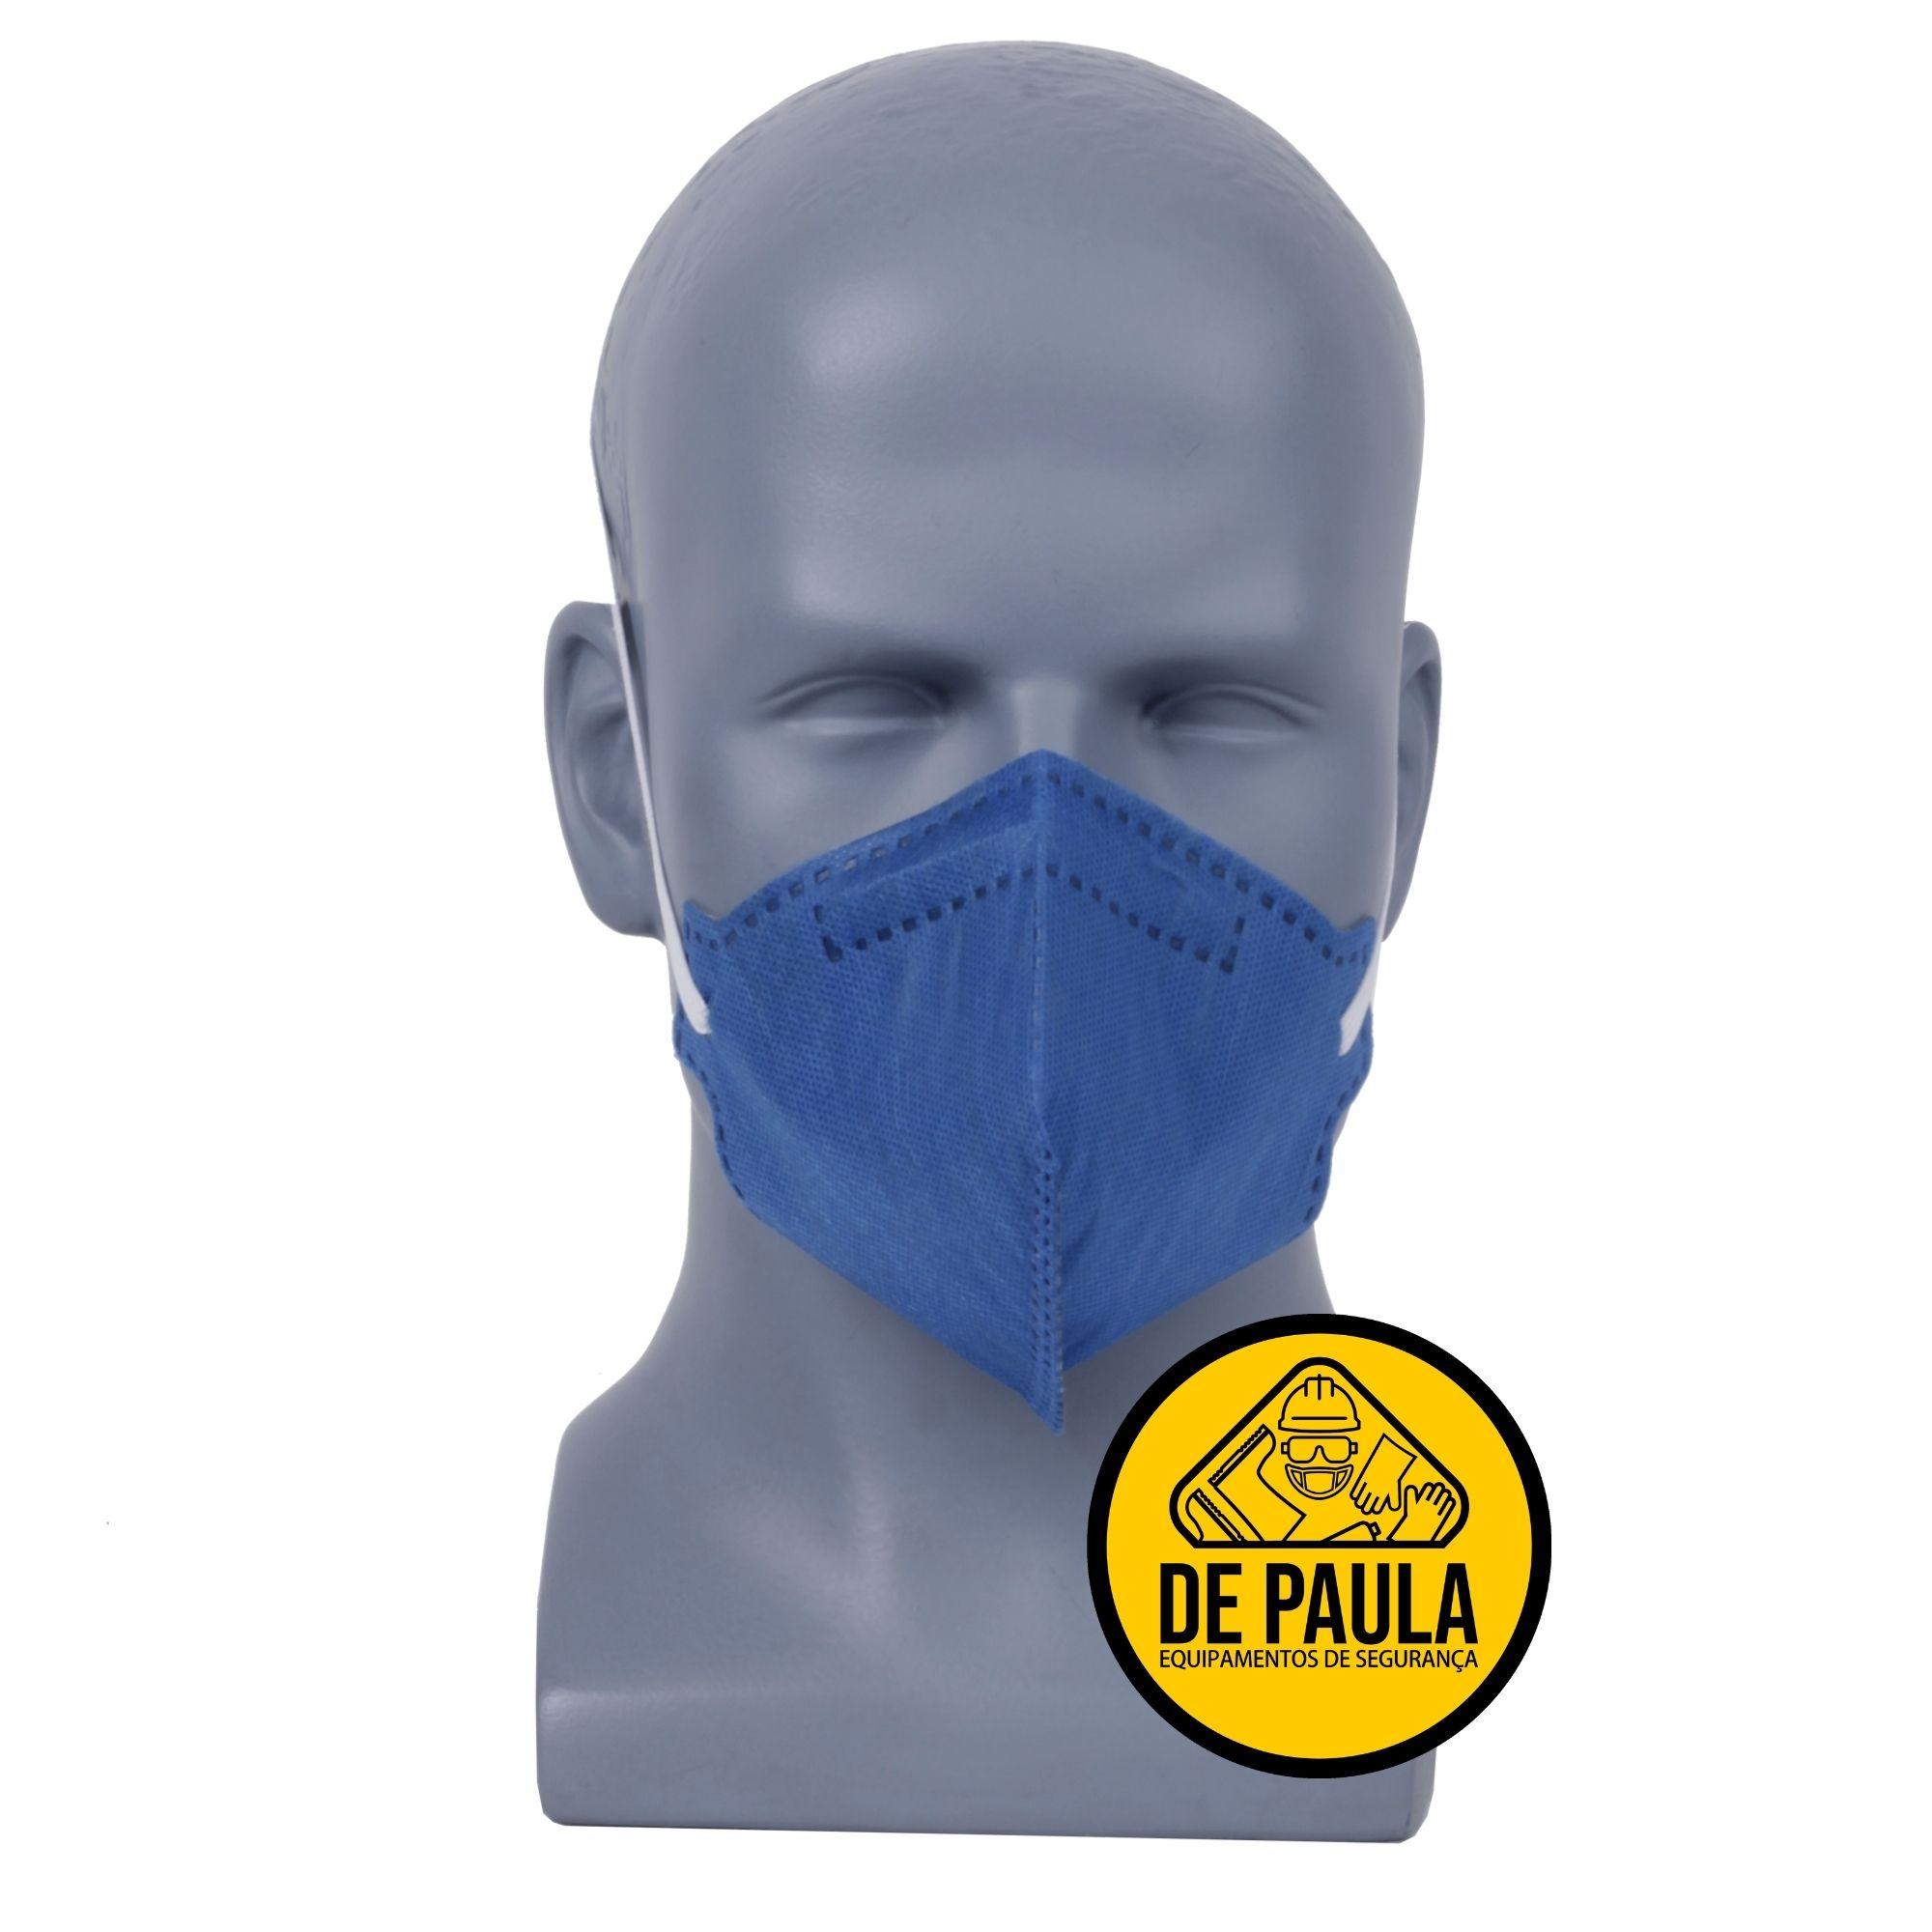 CAIXA COM 100 UNID - Mascara azul PFF2-S sem valvula Odor Organico carvão ativado Delta plus  - DE PAULA EPI